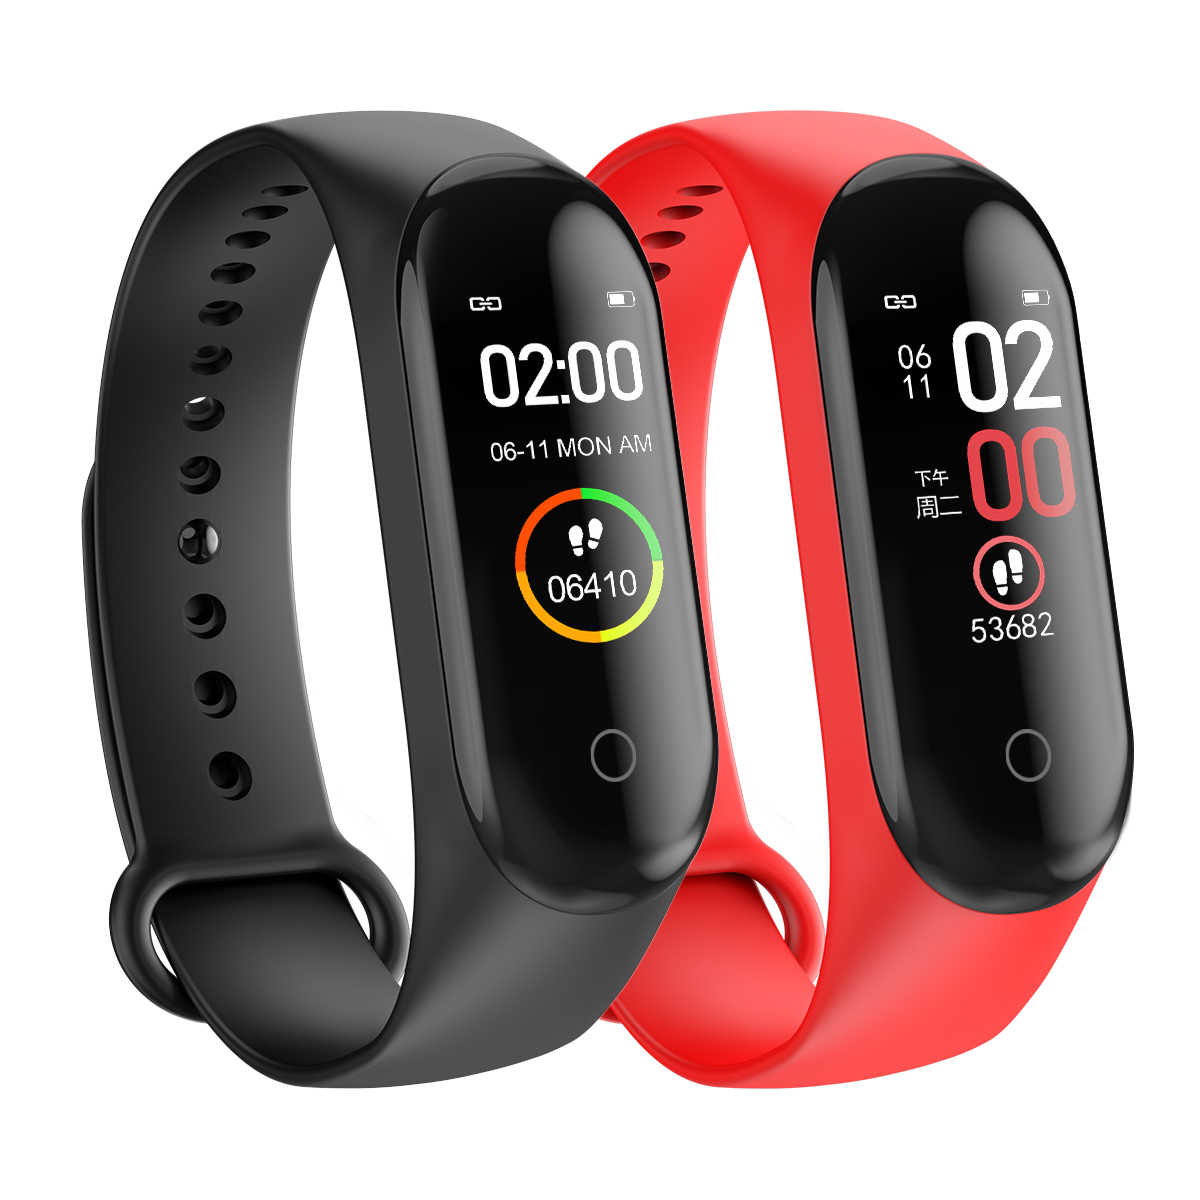 M4 Smart Sport Kebugaran Gelang Tahan Air Pemantauan Denyut Jantung Tekanan Darah Tes Smartwatch untuk Android IOS